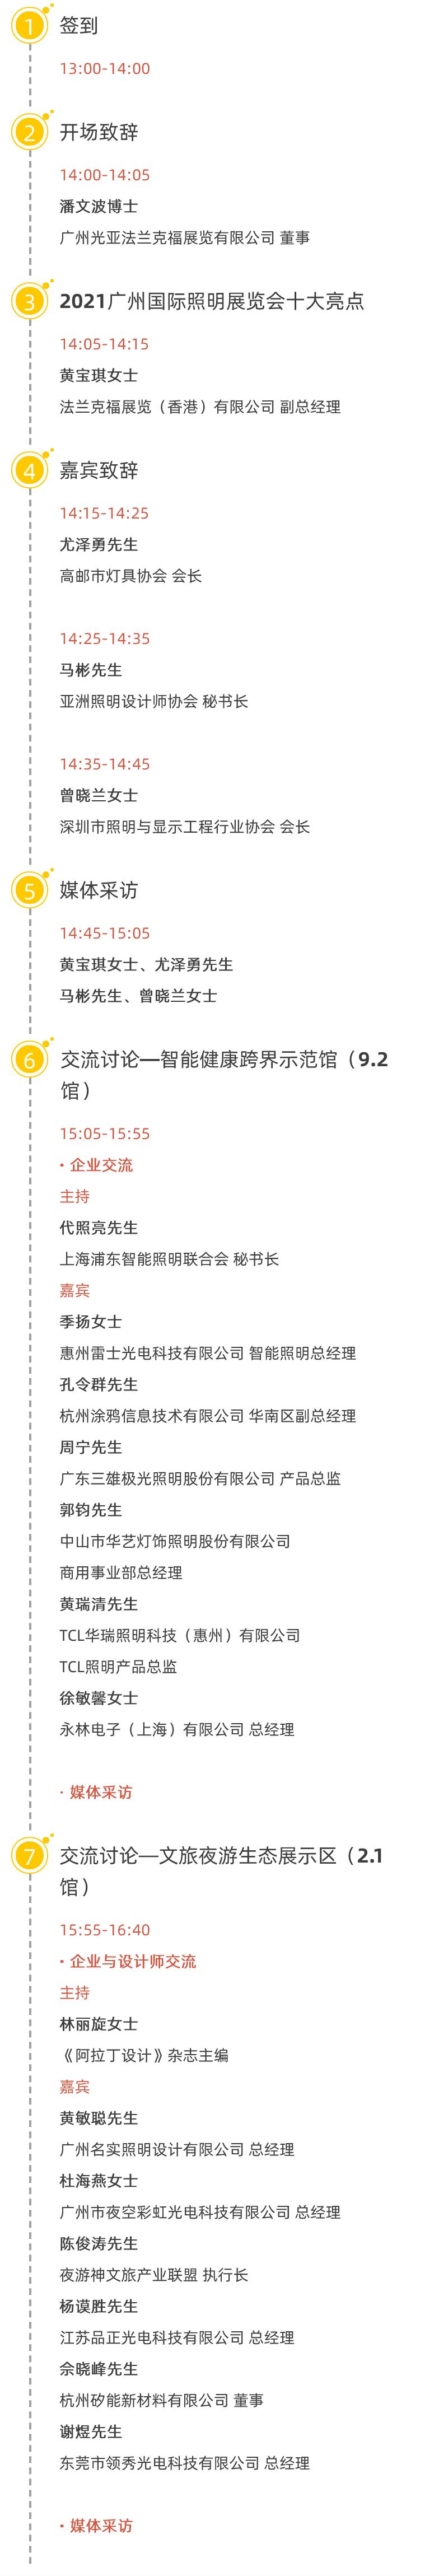 『2021广州国际照明展览会新闻发布会』诚邀您参与!